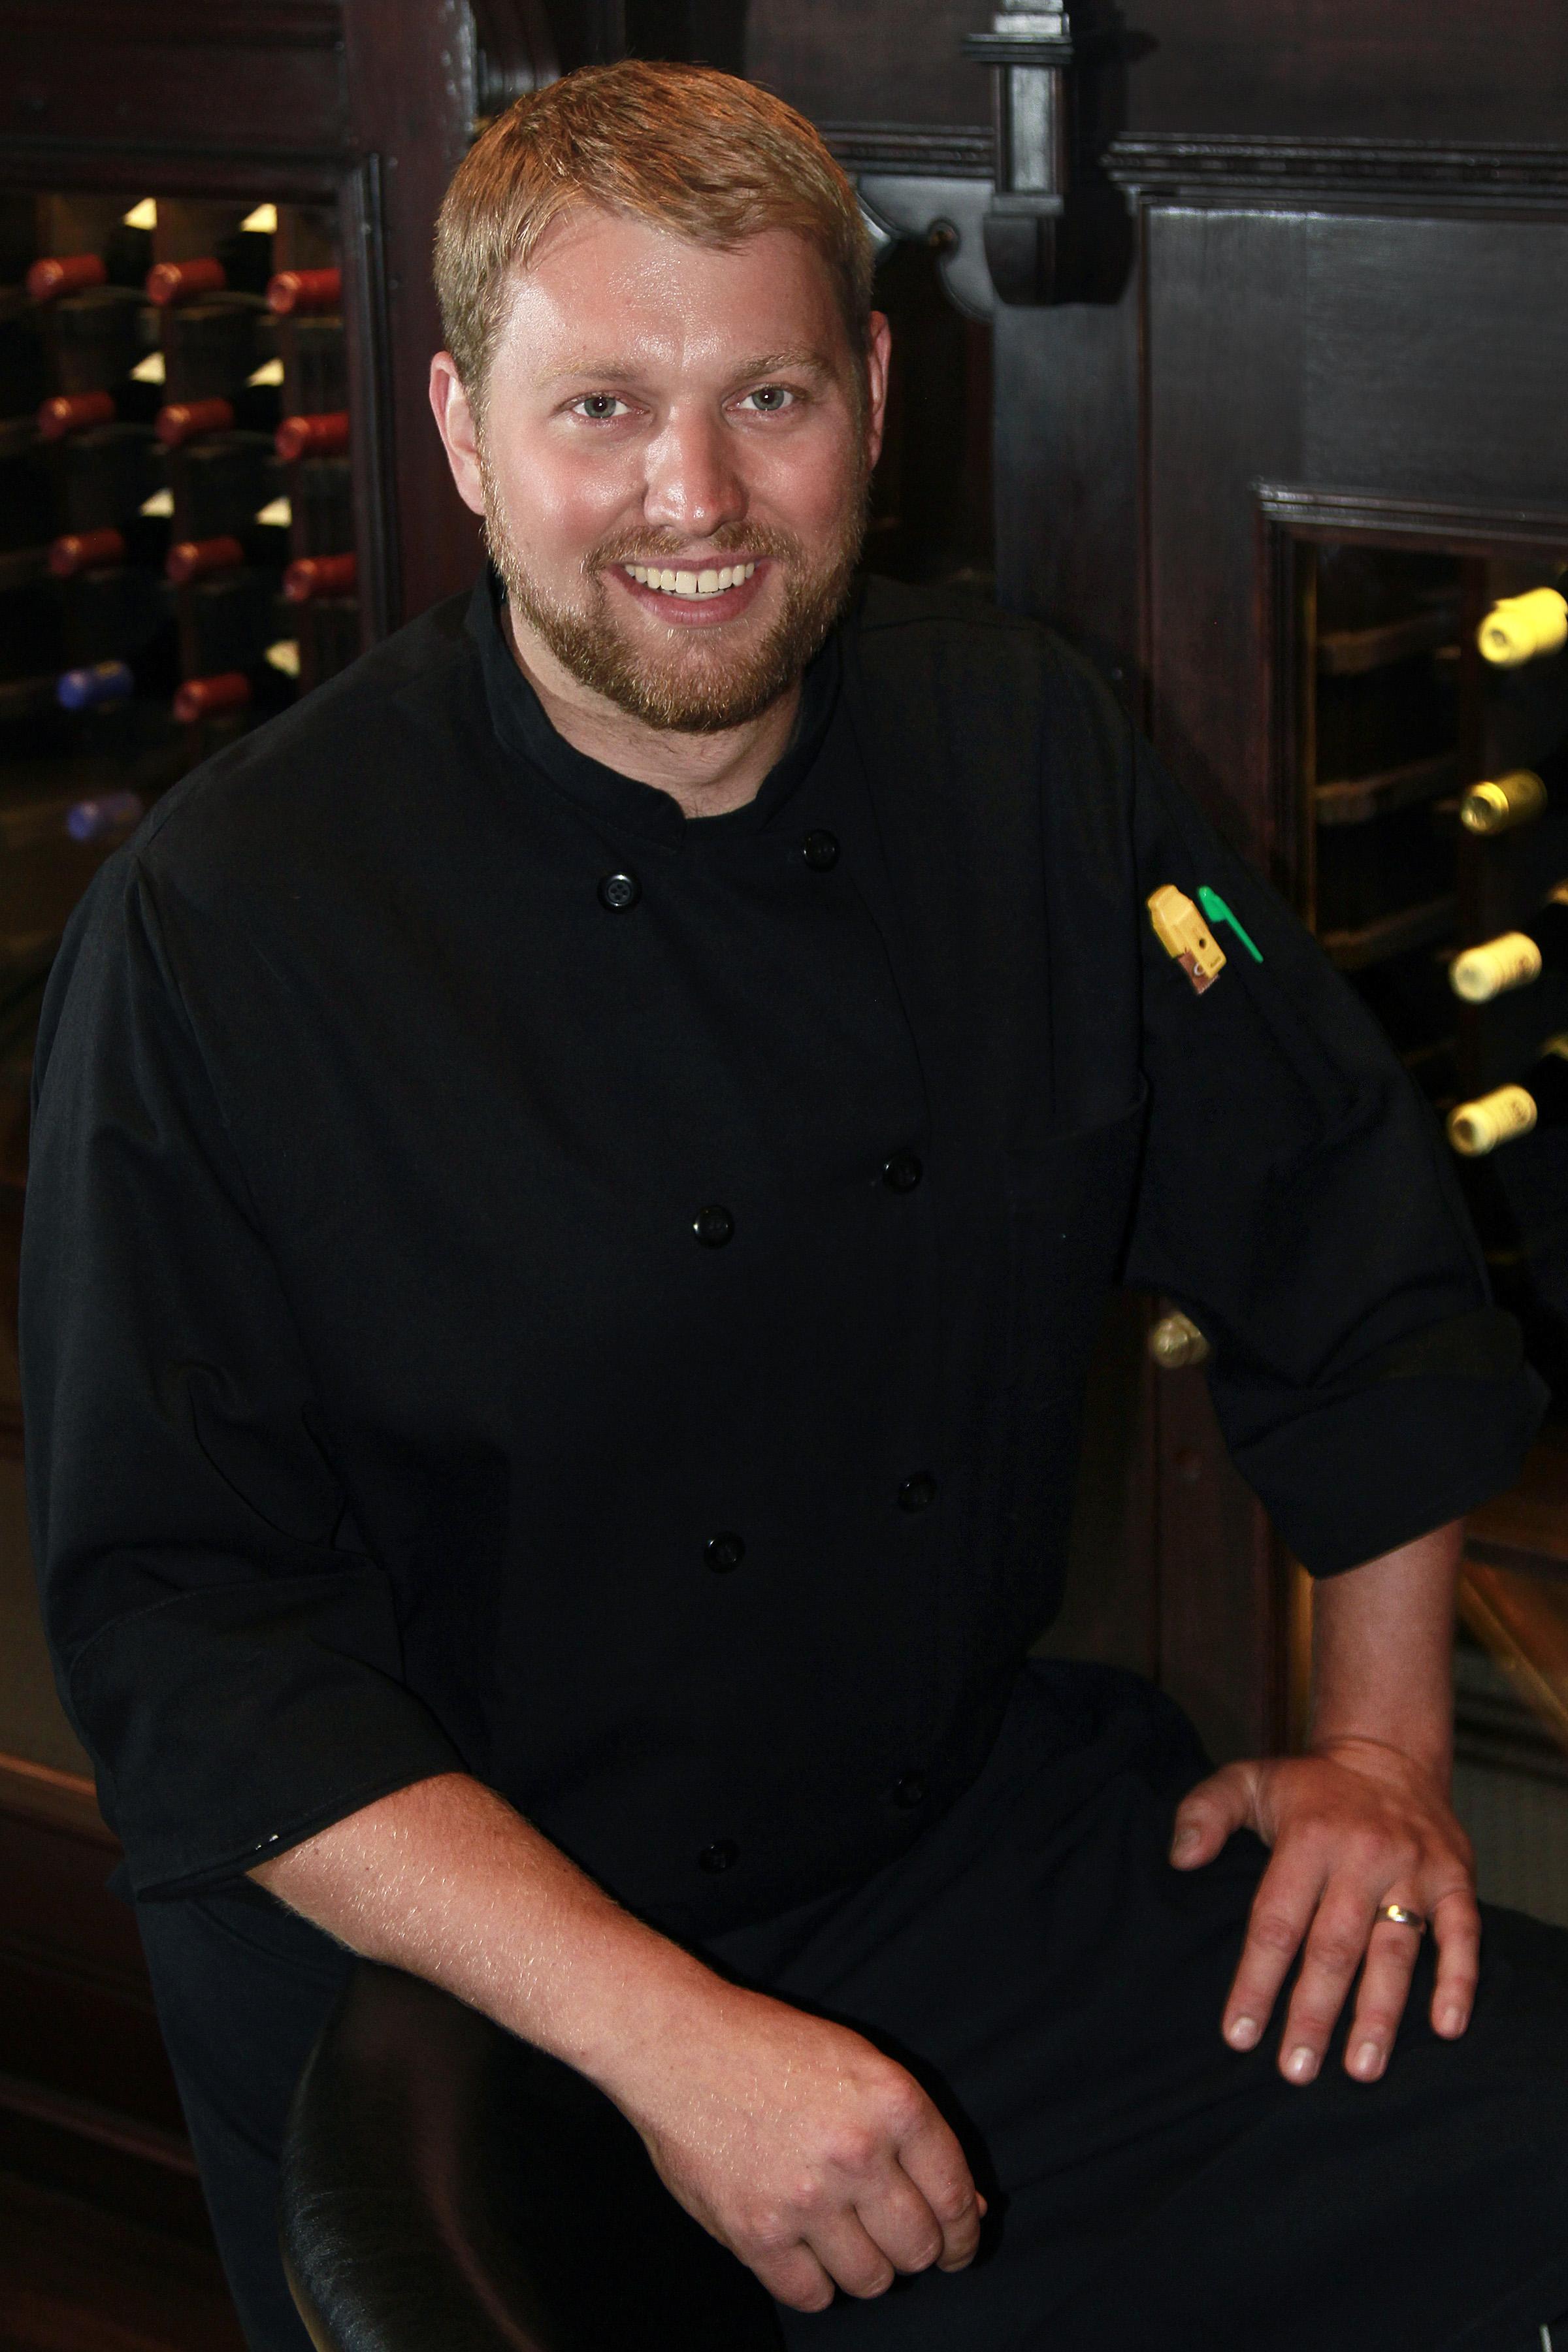 Mason Zeglen, Executive Chef